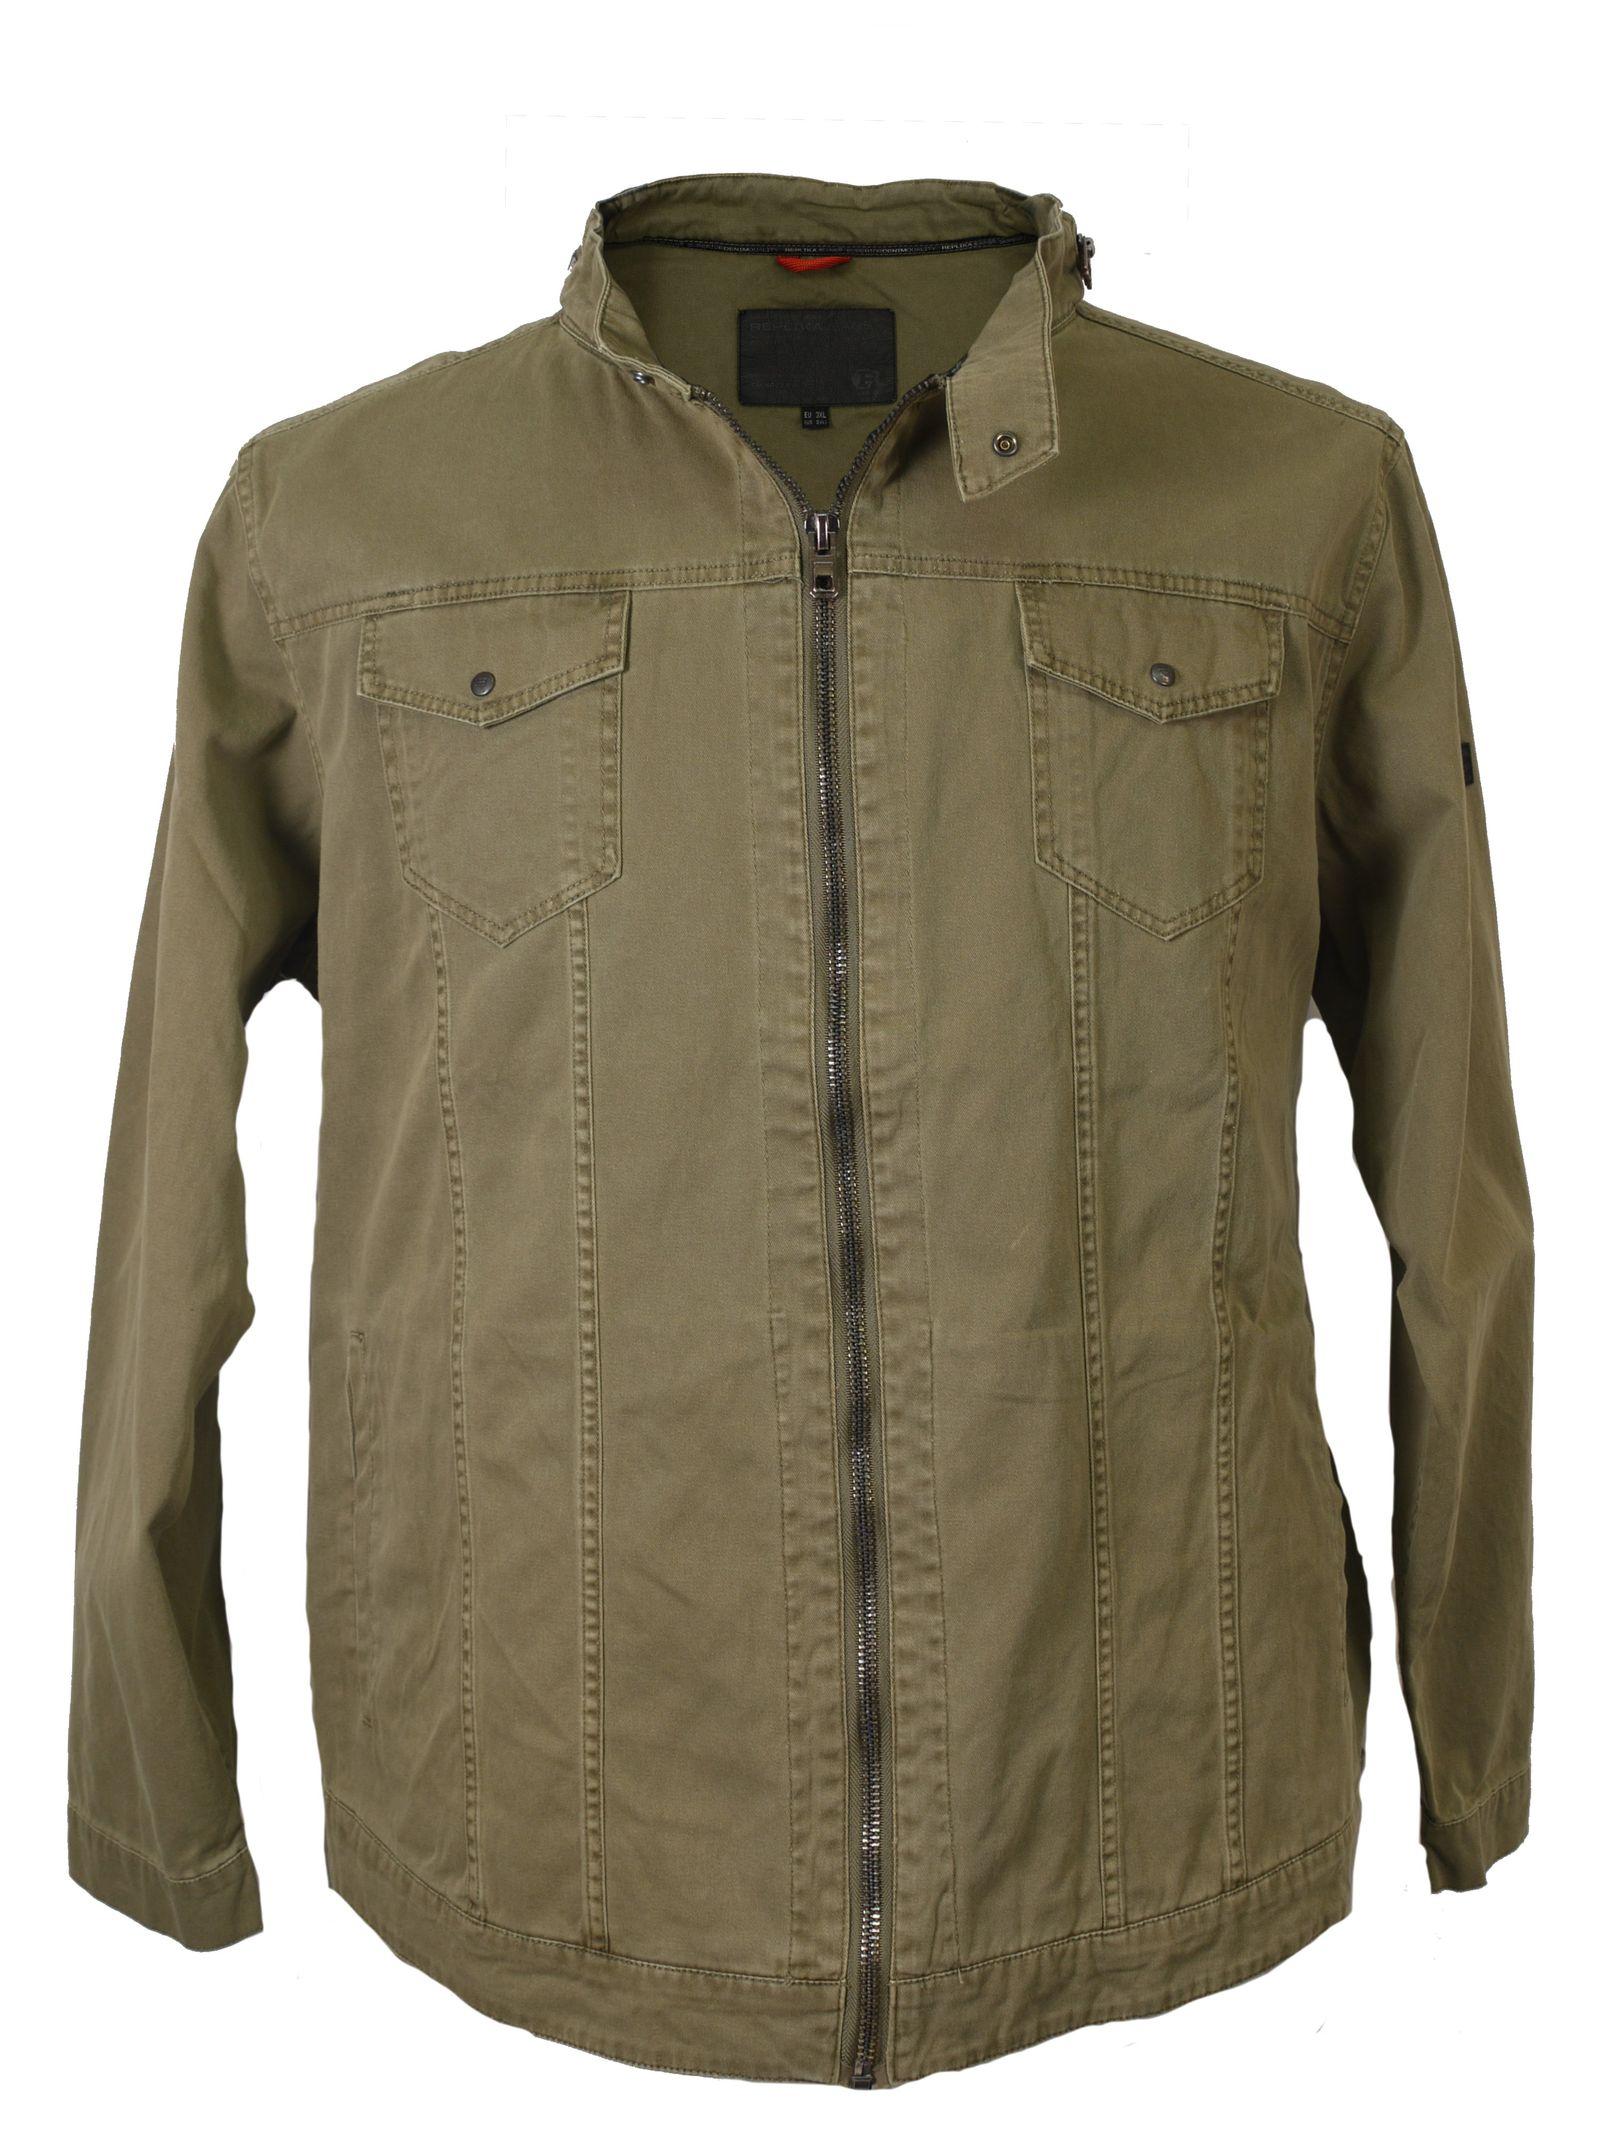 cheaper 44e01 28ef8 Trendige Sommer Jacke von Allsize in Khaki